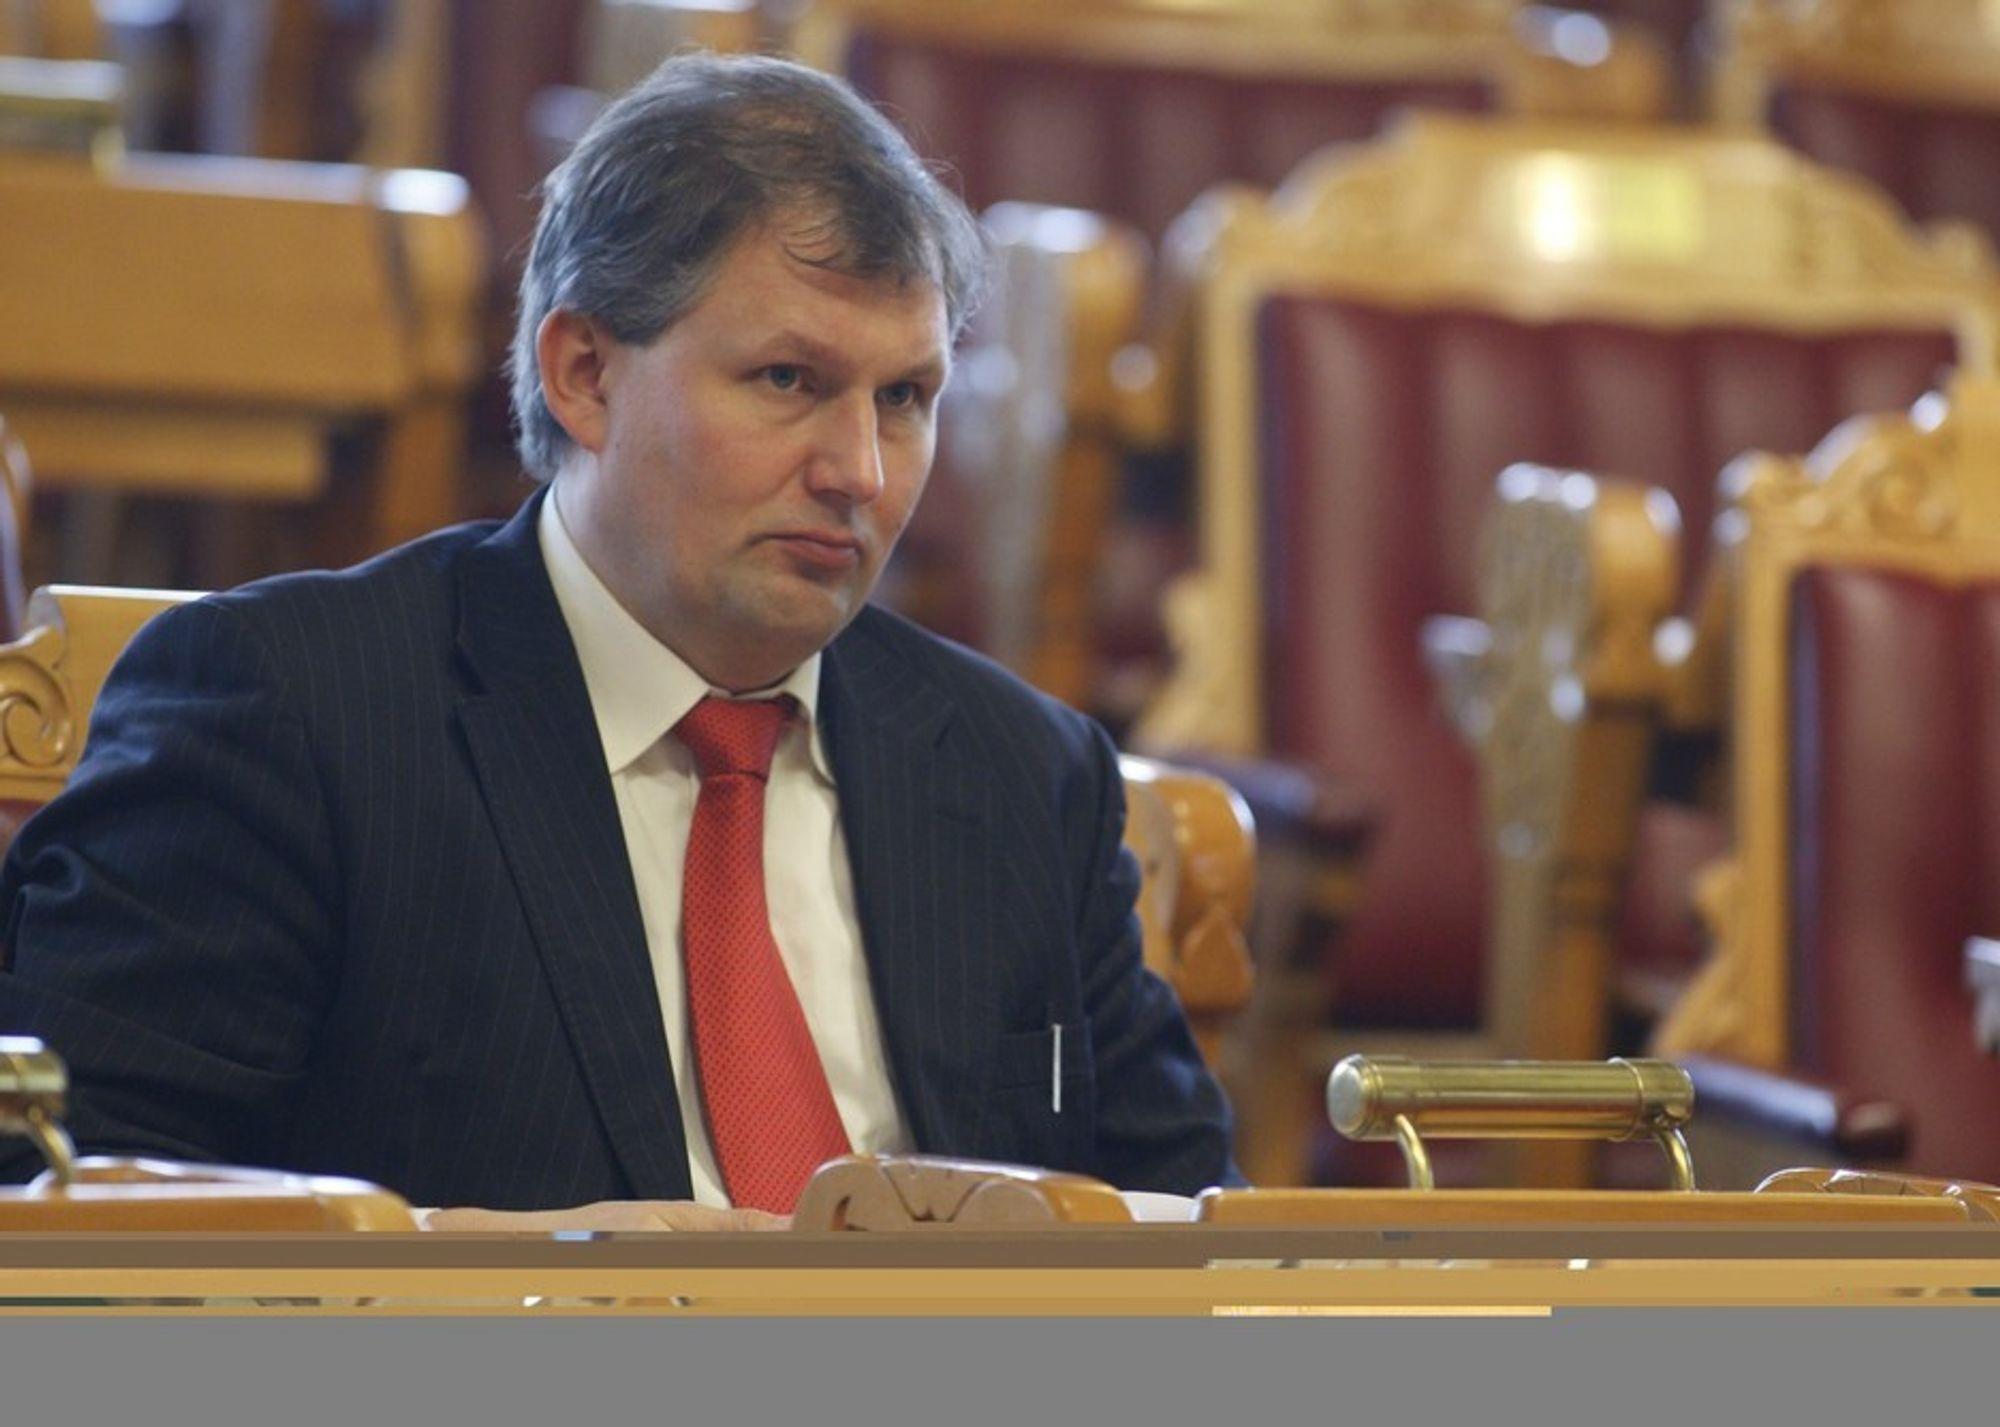 FÅR KRITIKK: Terje Riis-Johansen og resten av regjeringen får pepper av Klif, som har frarådet oljeleting i flere av områdene de fredag åpnet for oljeselskapene.